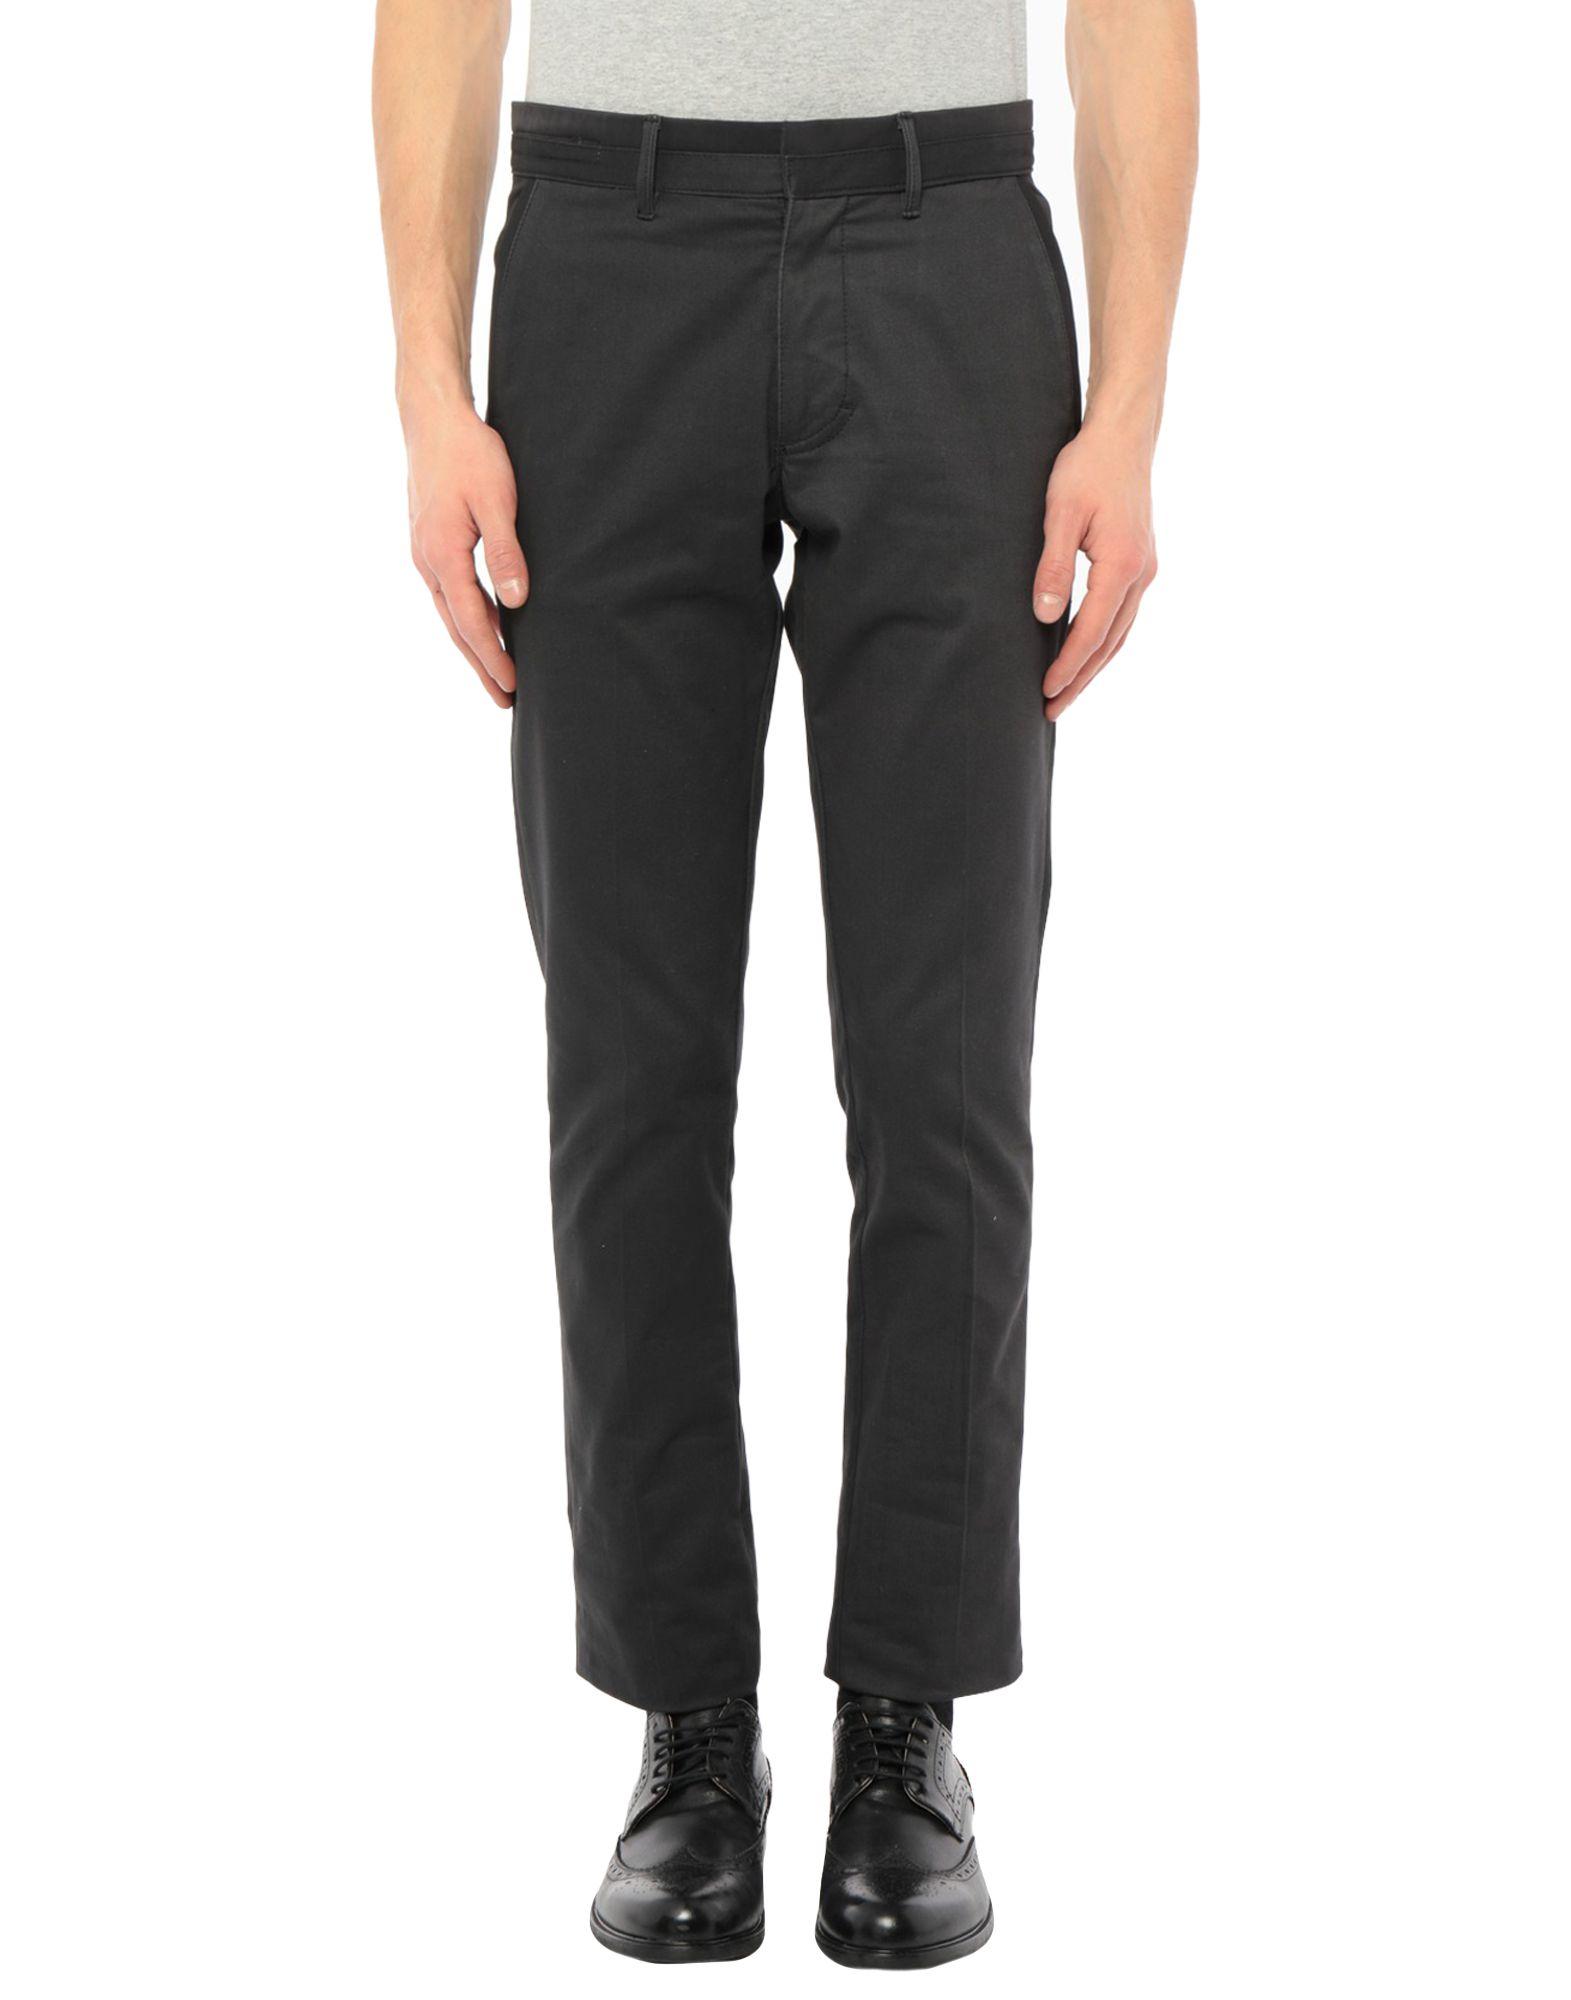 CARLO PIGNATELLI OUTSIDE Повседневные брюки carlo pignatelli outside пиджак